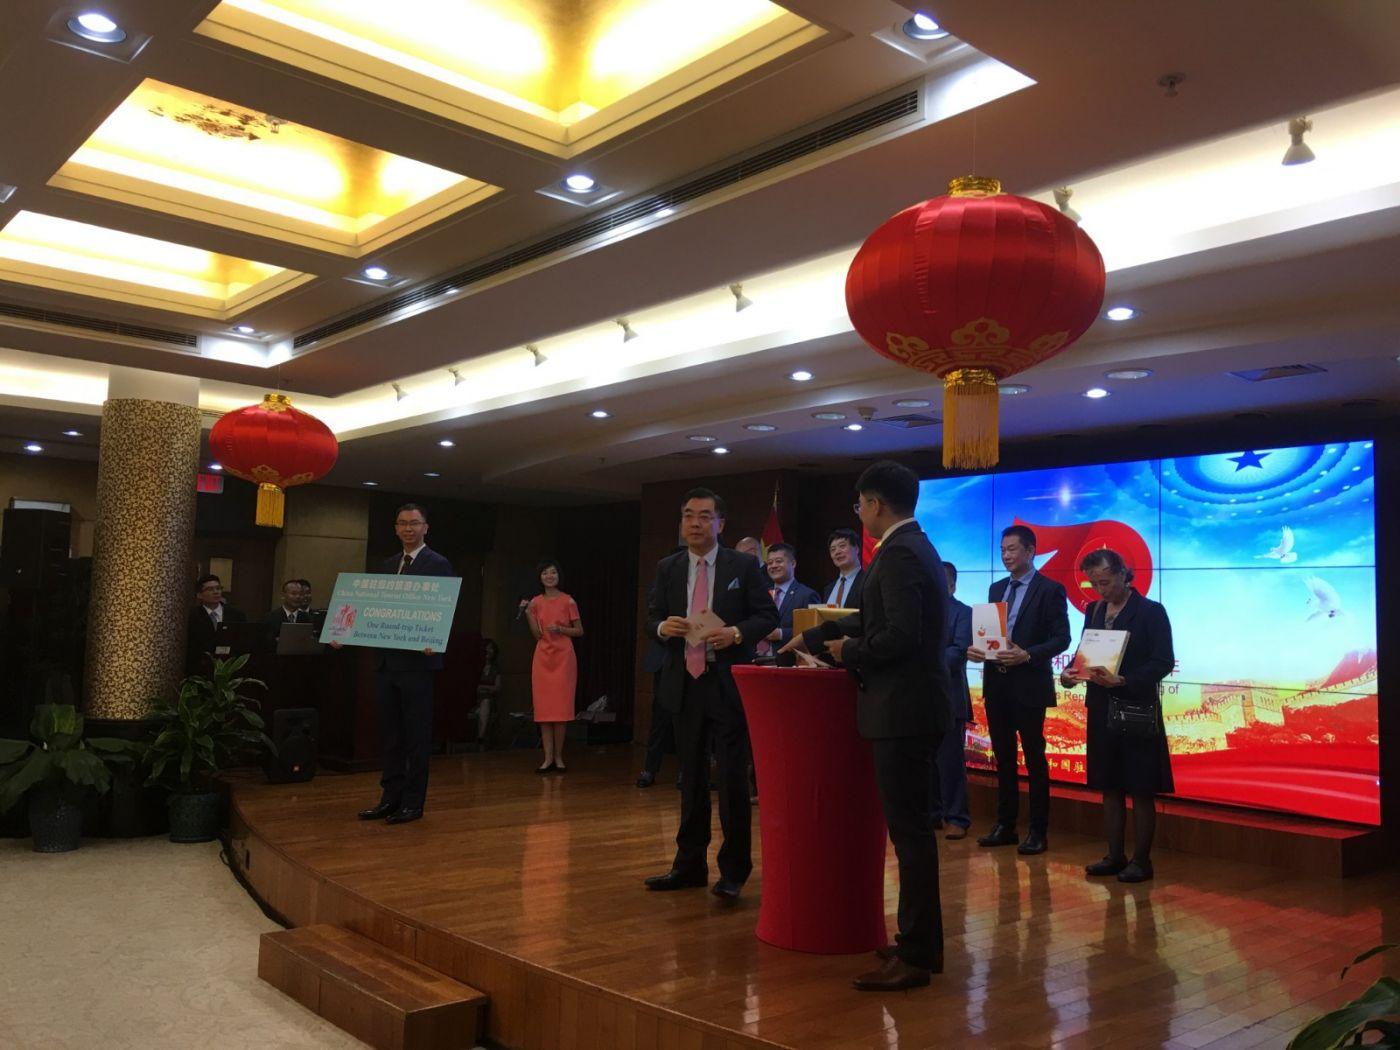 中国驻纽约总领事馆舉辦庆祝建国70周年招待會_图1-10